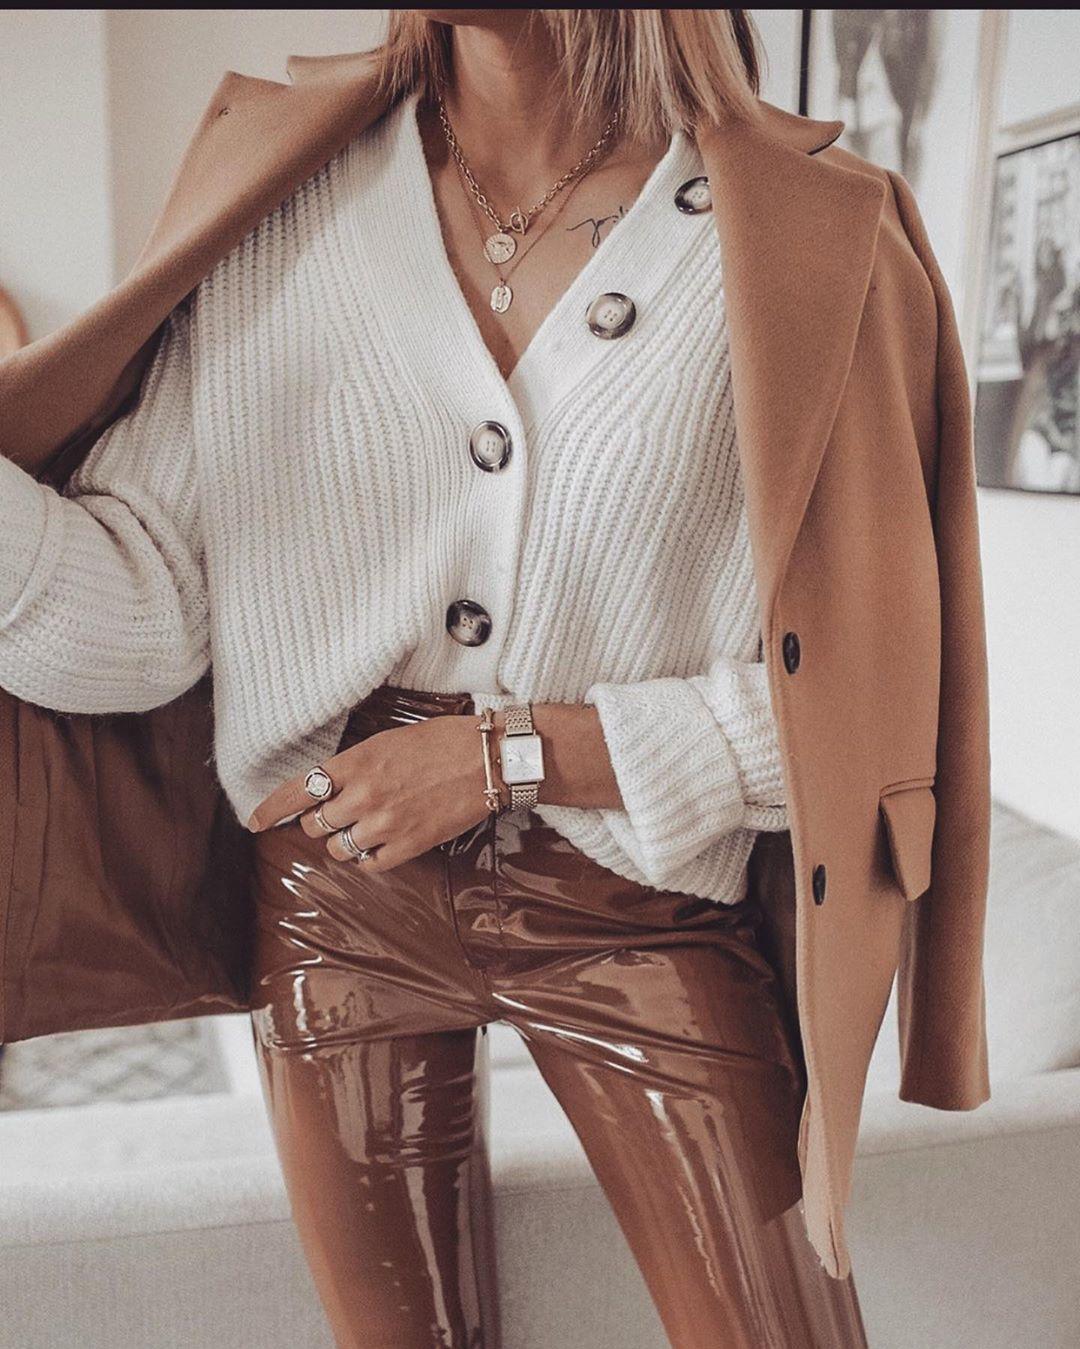 модные образы для бизнес-леди зимы 2020 фото 6